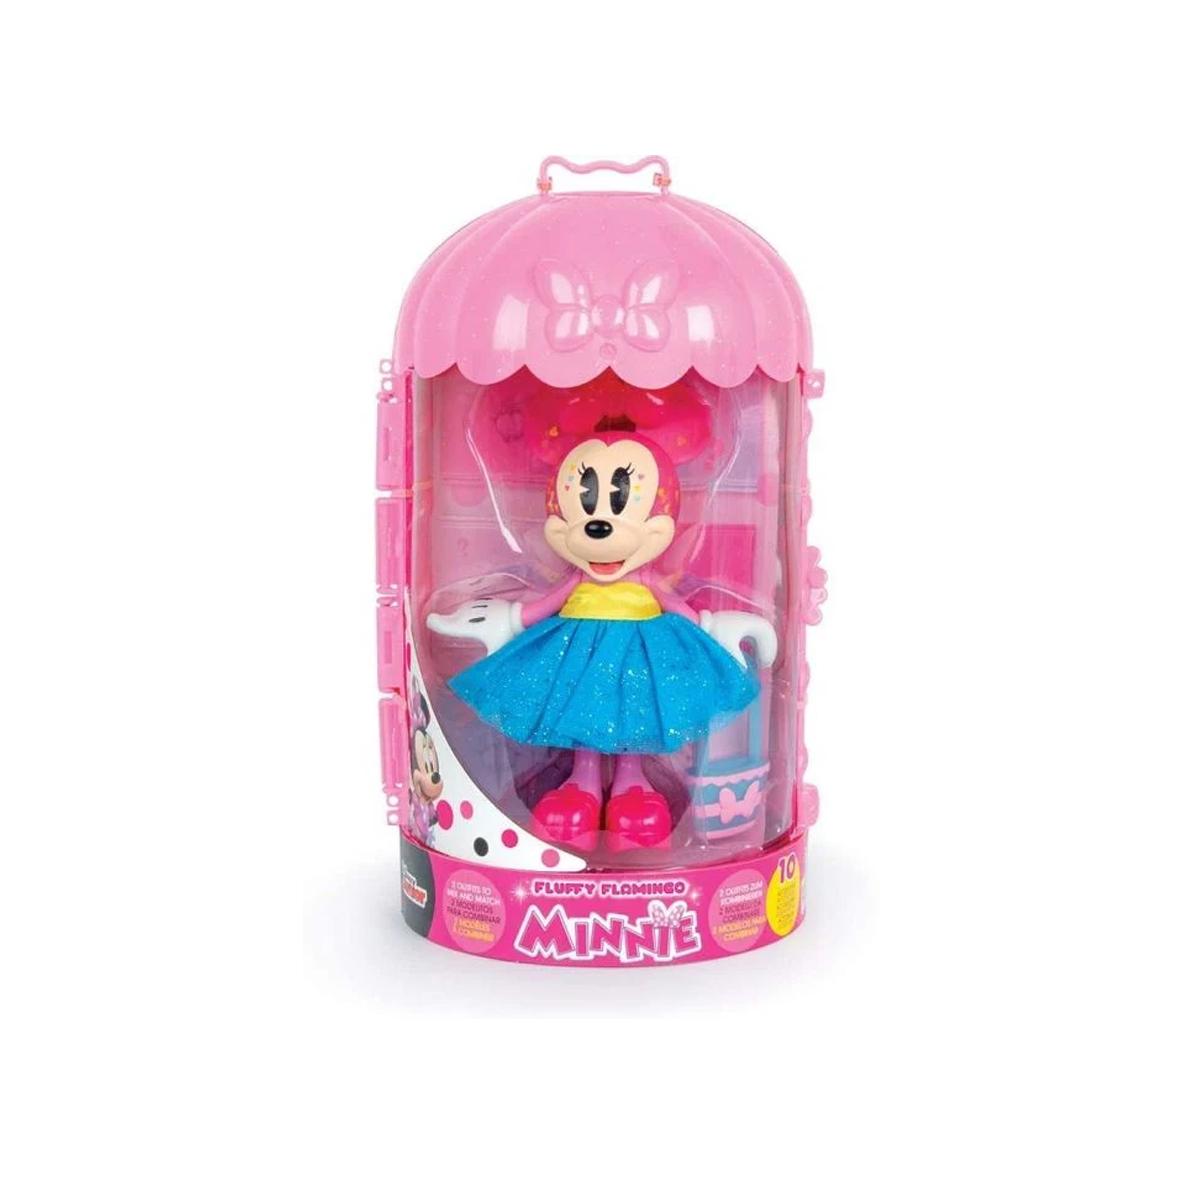 დისნეი Minnie Mouse-ის Fashion Dolls Fluffy ფიგურა ტანსაცმლითა და აქსესუარებით IMC TOYS 450372